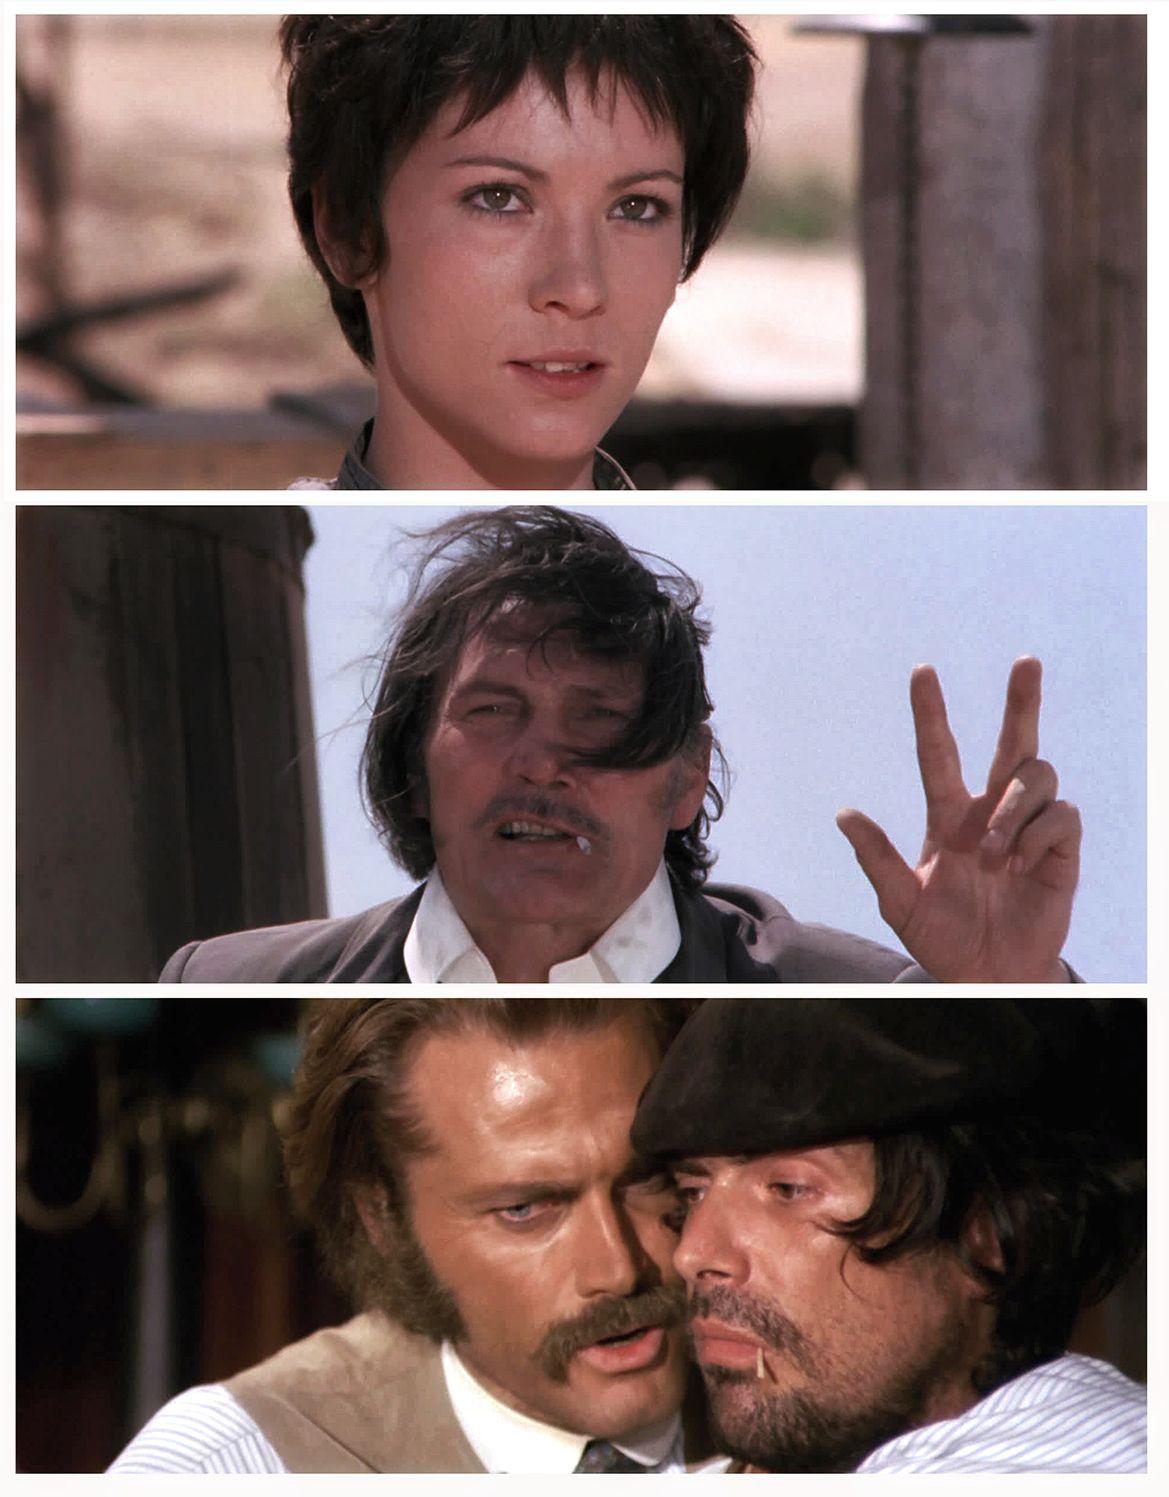 Jack Palance Filmes Beautiful les films de jack palance | blog du west 2 | page 2